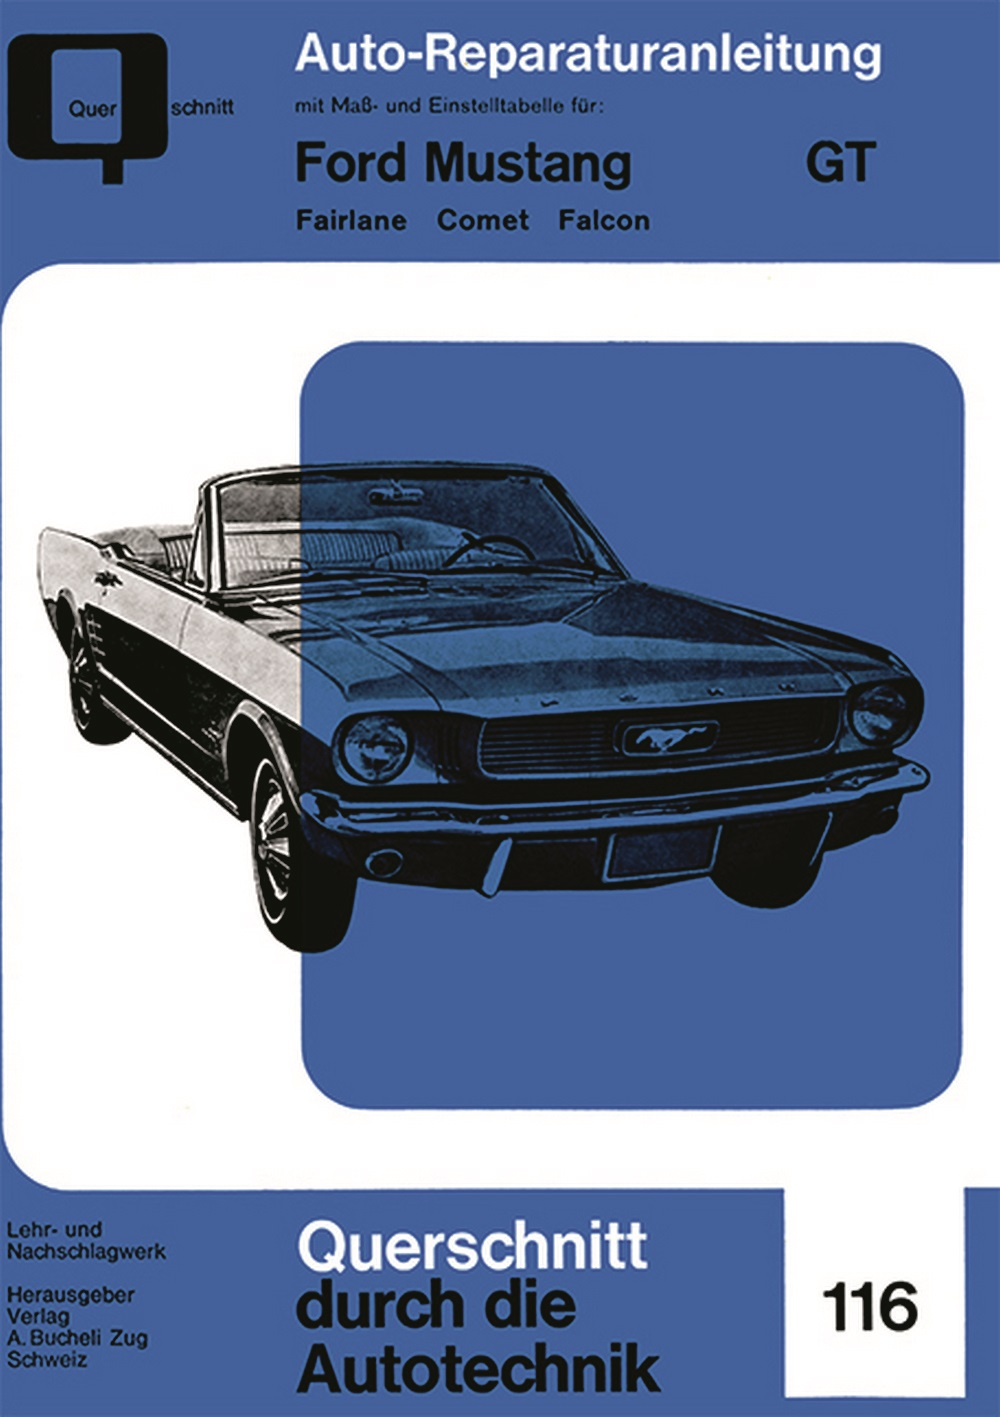 64-73 Ford Mustang Reparaturhandbuch - Motor/Getriebe/Kühlung ...